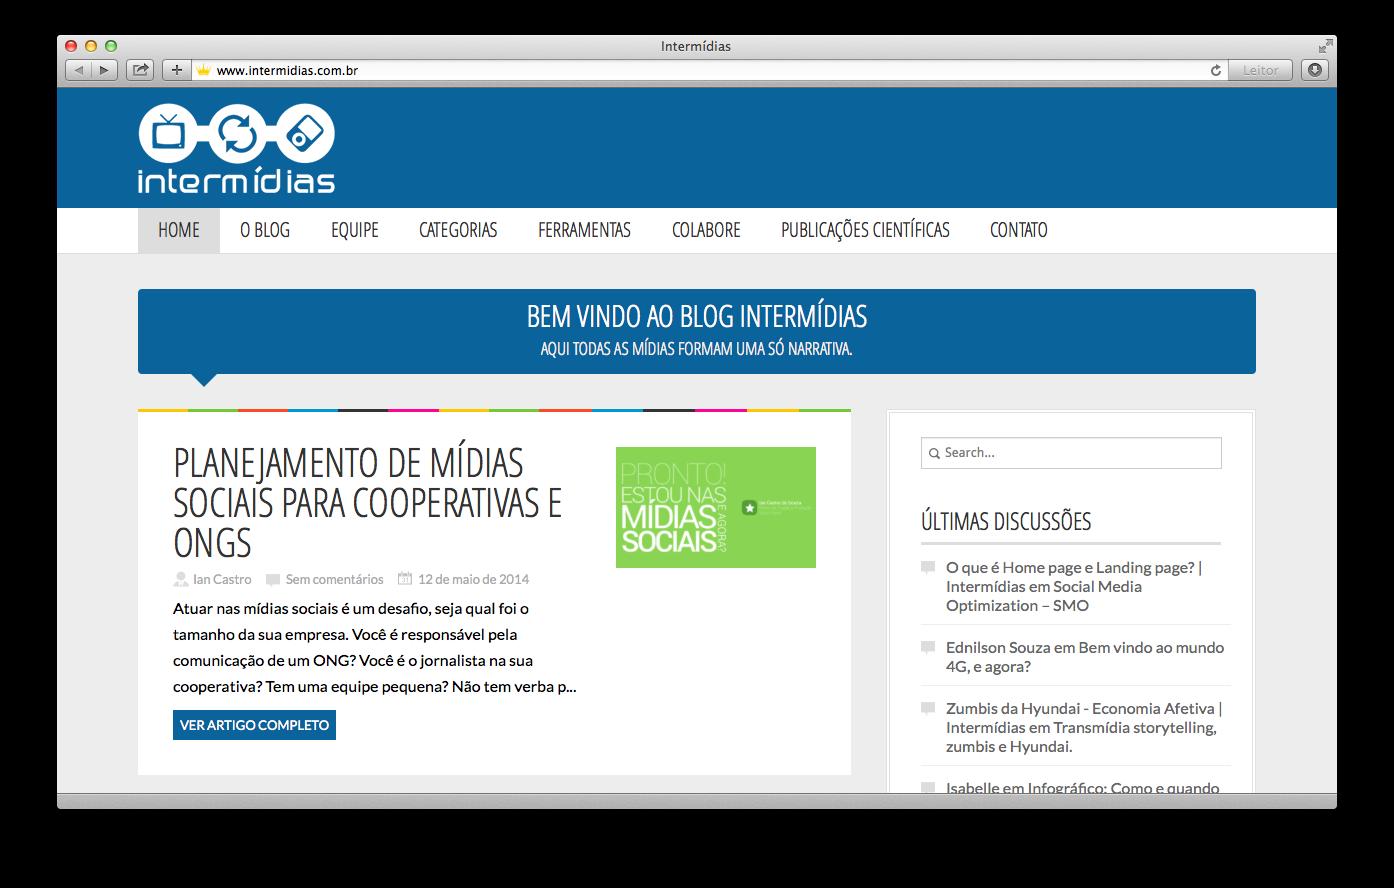 (c) Intermidias.com.br